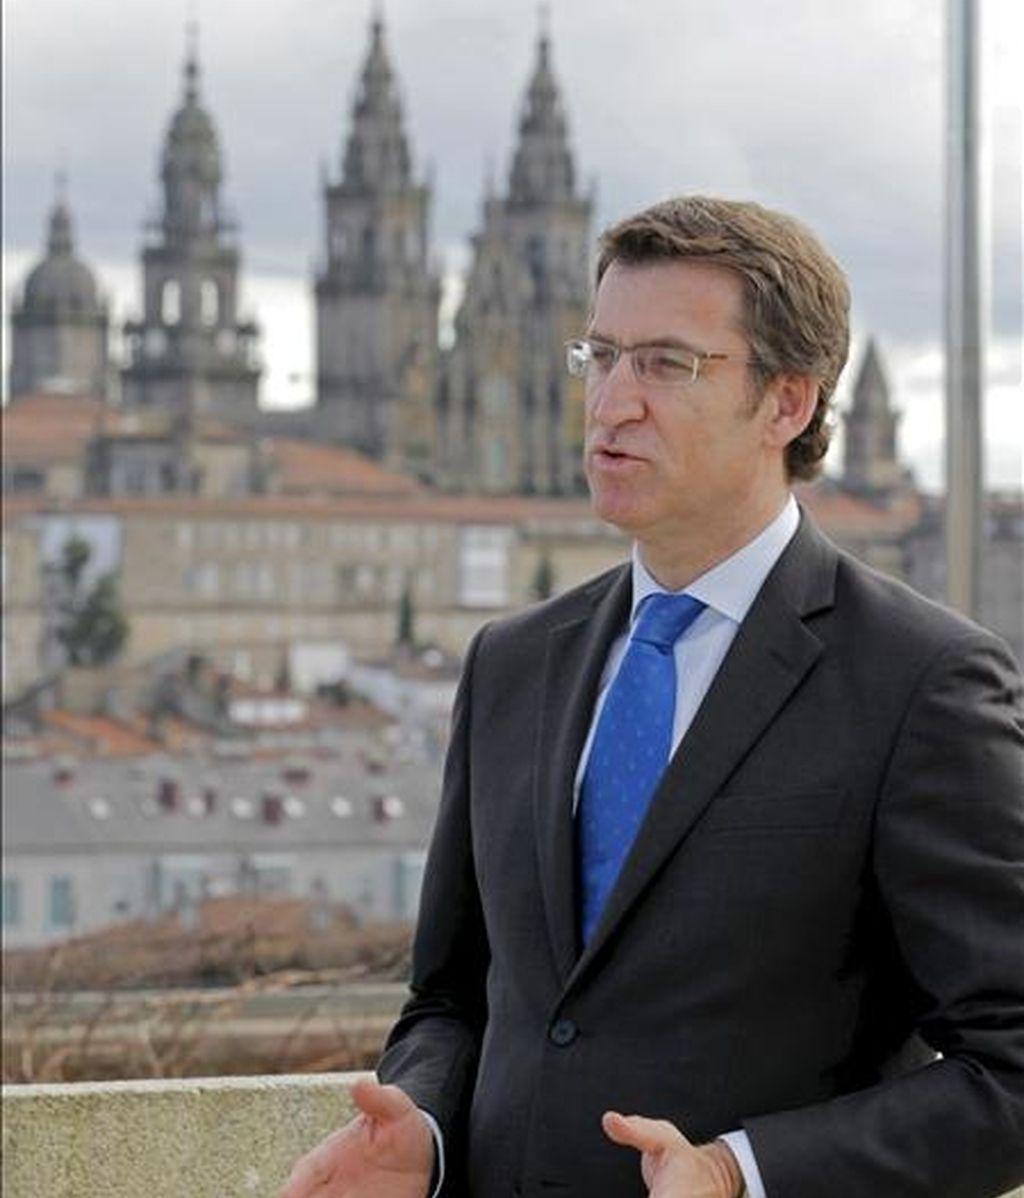 """El presidente de la Xunta, Alberto Núñez Feijóo, durante la entrevista concedida a Efe, con motivo del final del año Xacobeo y a punto de cumplir el ecuador de la legislatura, en la que ha afirmado que adelantar las elecciones generales al próximo mes de mayo permitiría contar dentro de unos meses con un Gobierno """"legitimado"""" que saque a España """"del pozo económico, financiero y laboral"""" en el que se encuentra. EFE"""